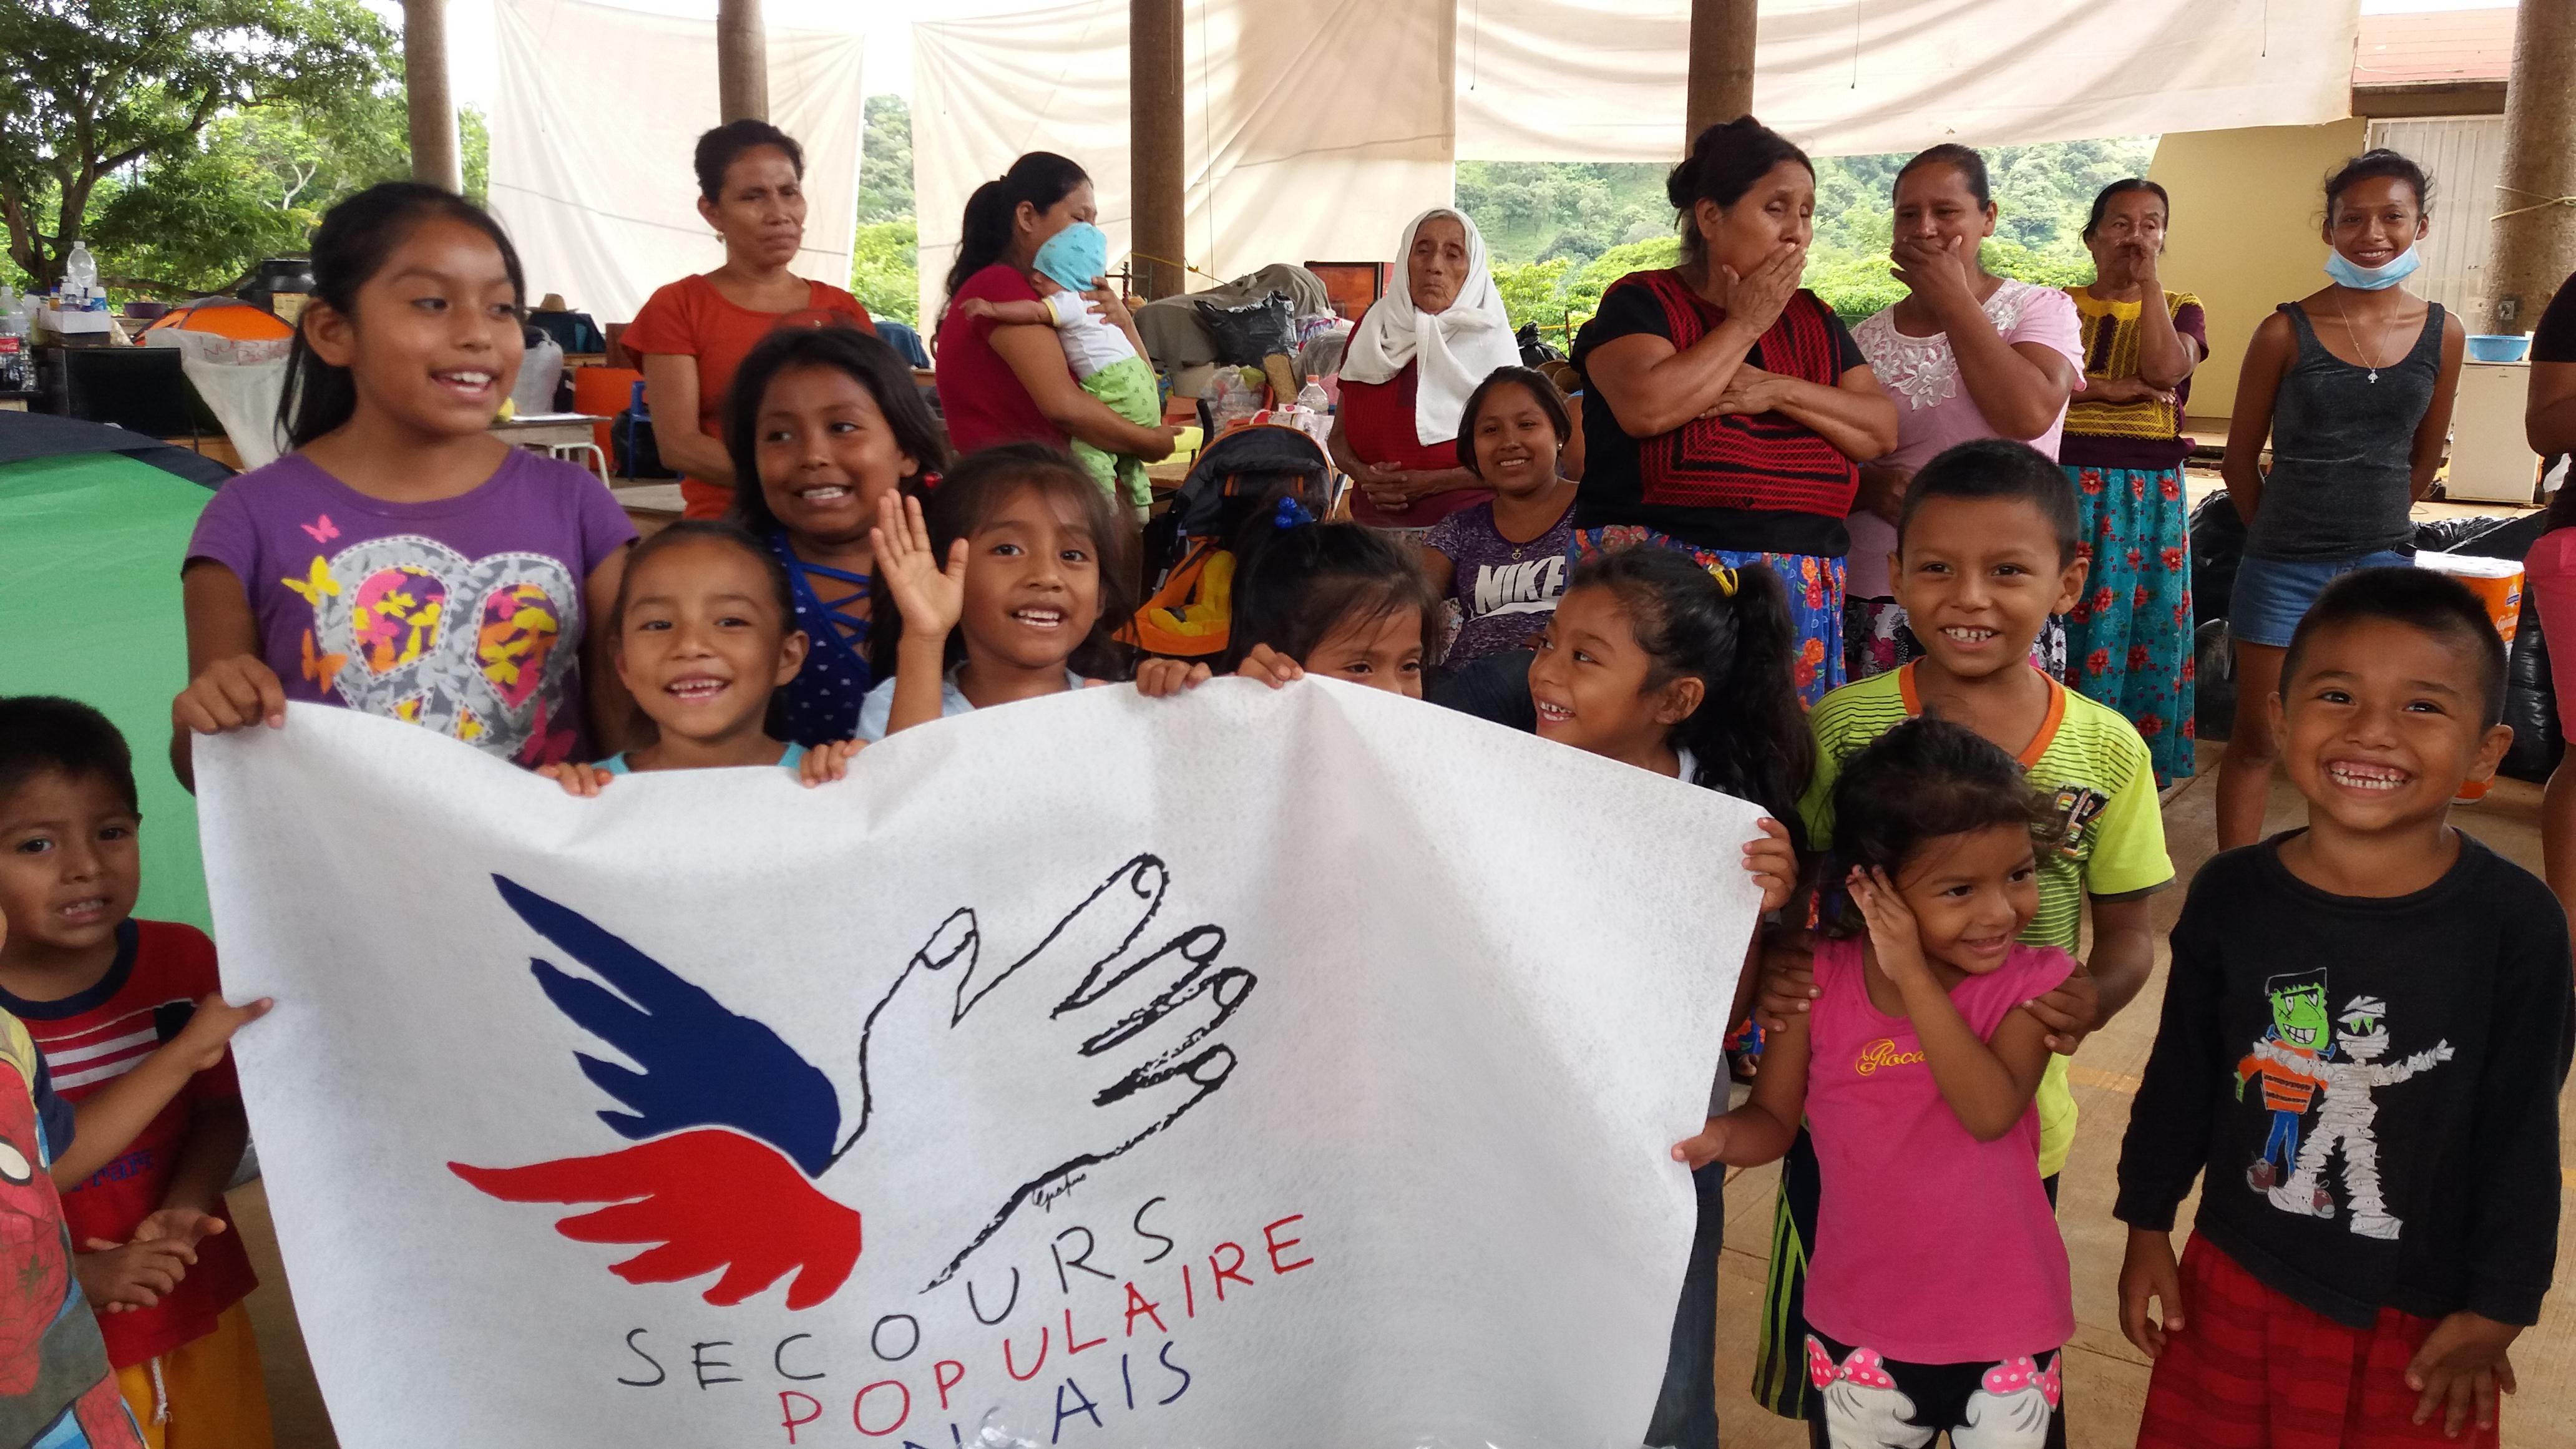 Les enfants aux Antilles et au Mexique font l'expérience de la solidarité internationale, à travers l'aide acheminée par le SPF et ses partenaires.